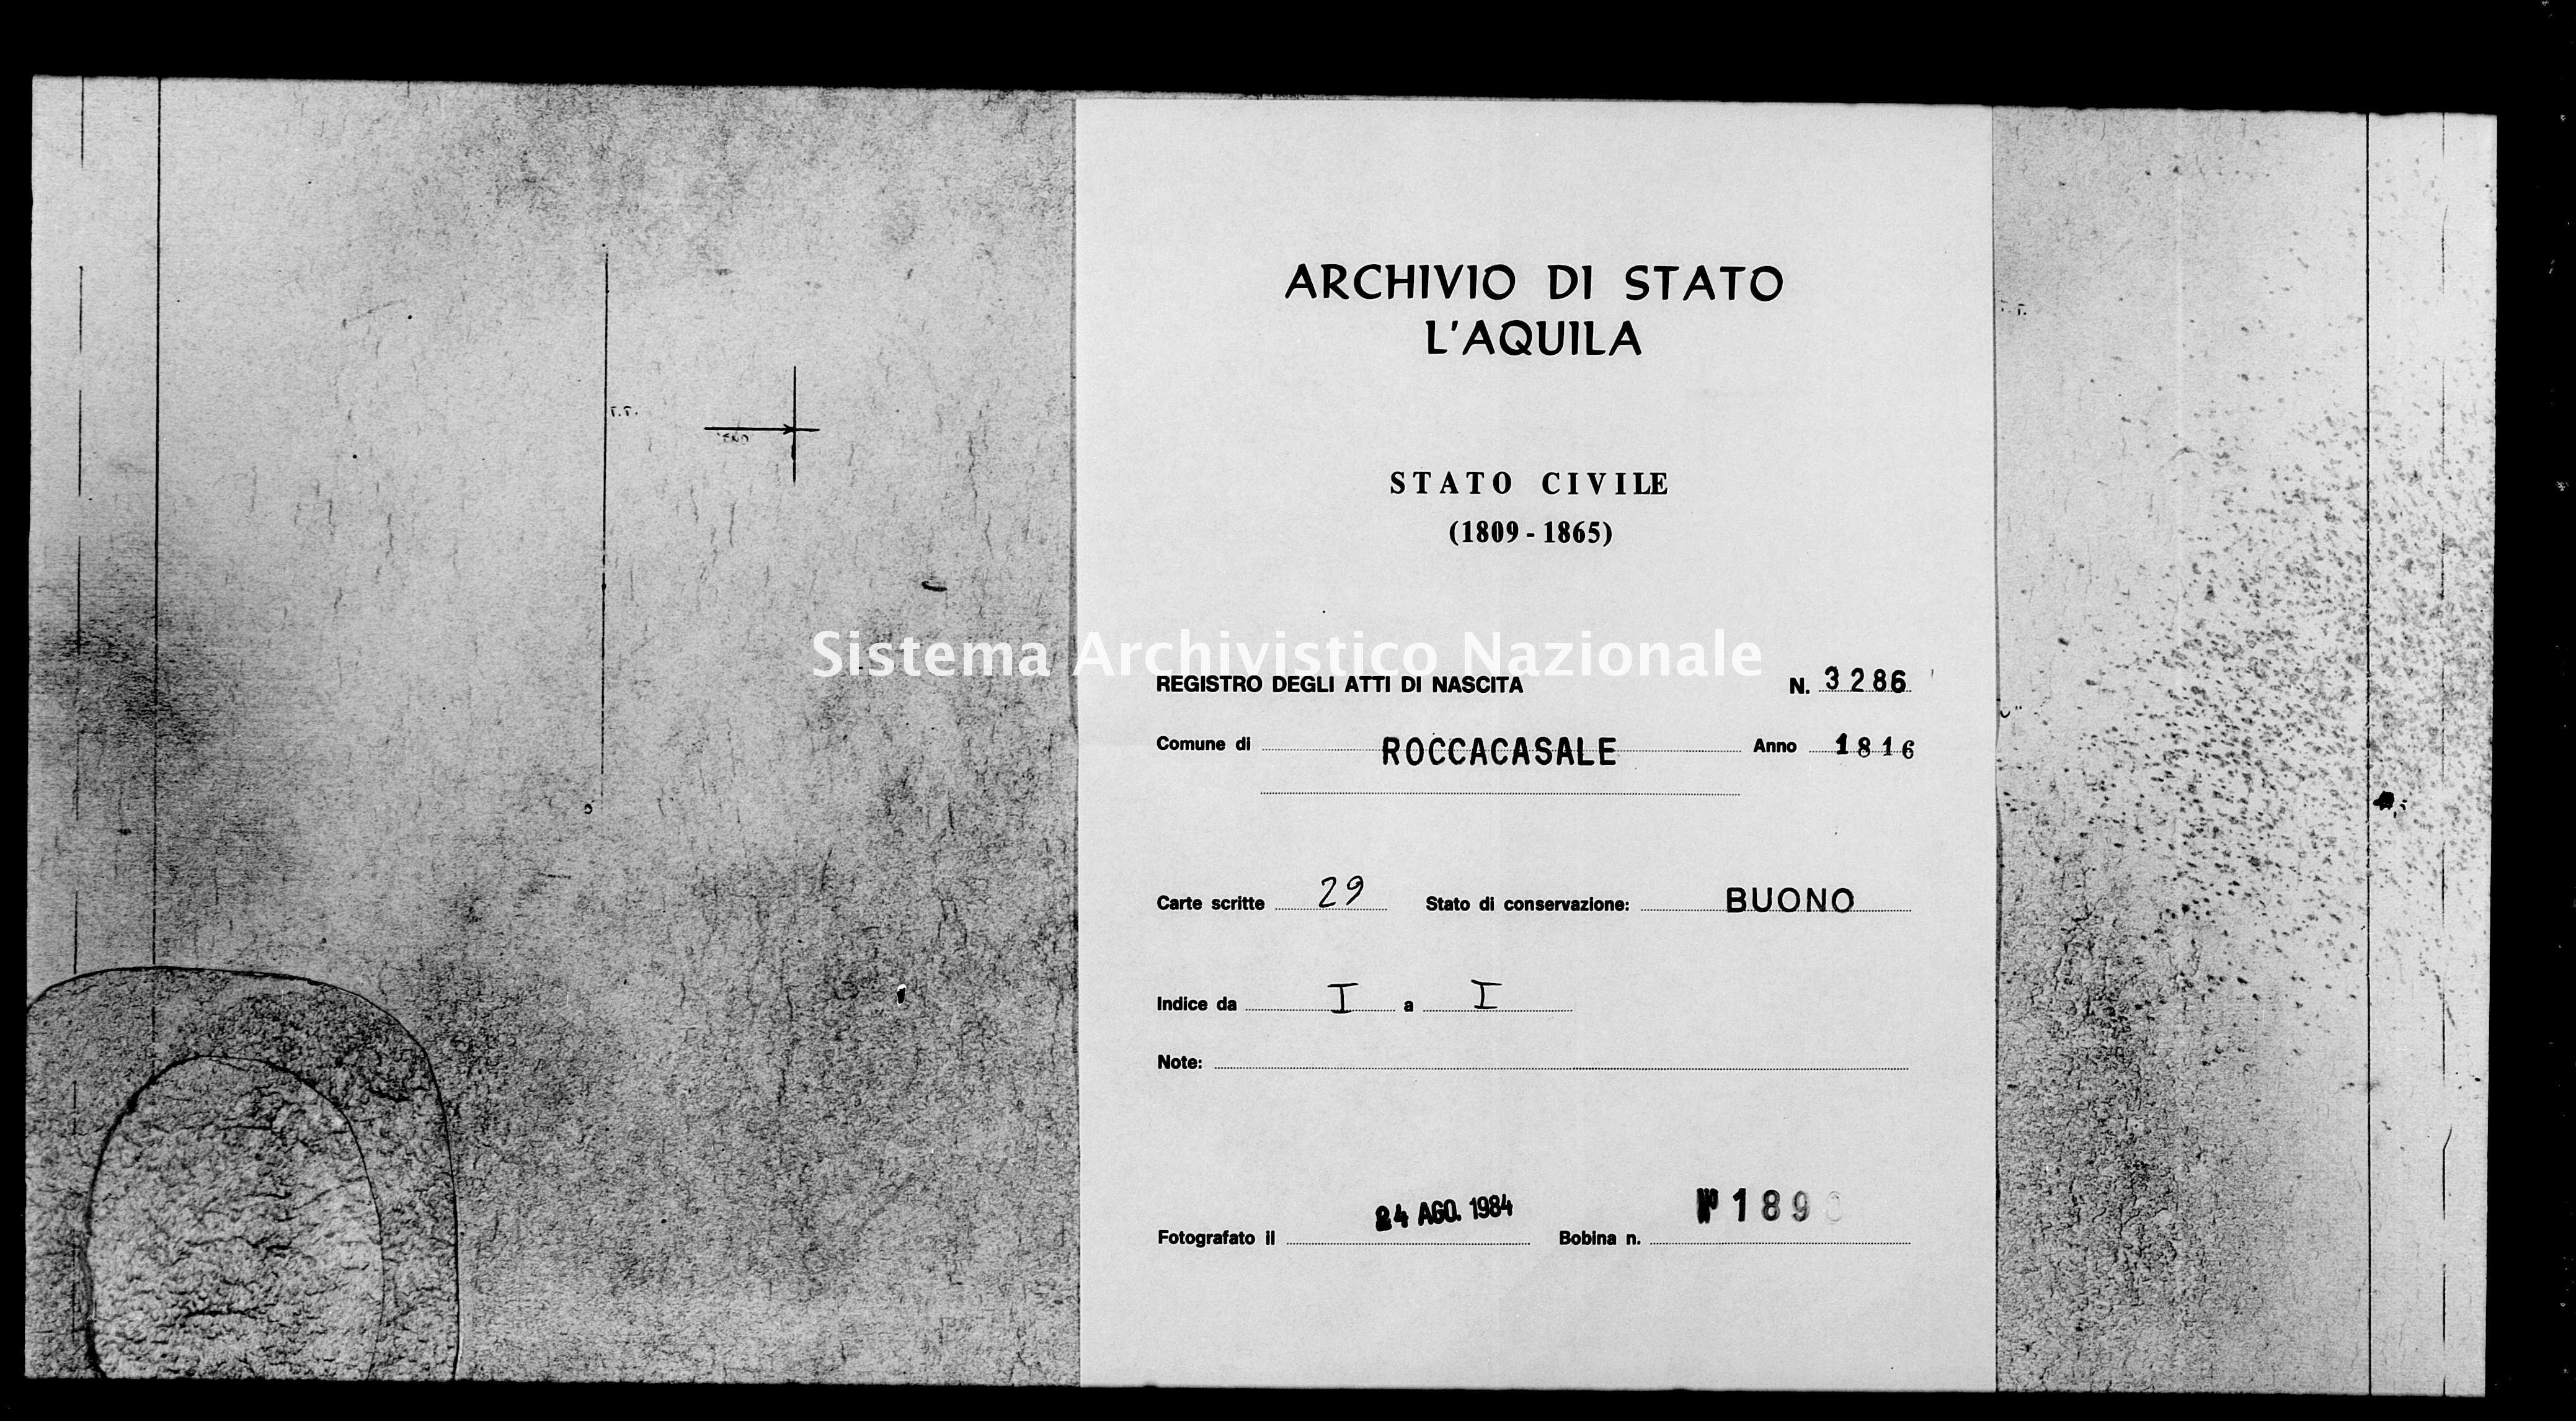 Archivio di stato di L'aquila - Stato civile della restaurazione - Roccacasale - Nati - 1816 - 3286 -